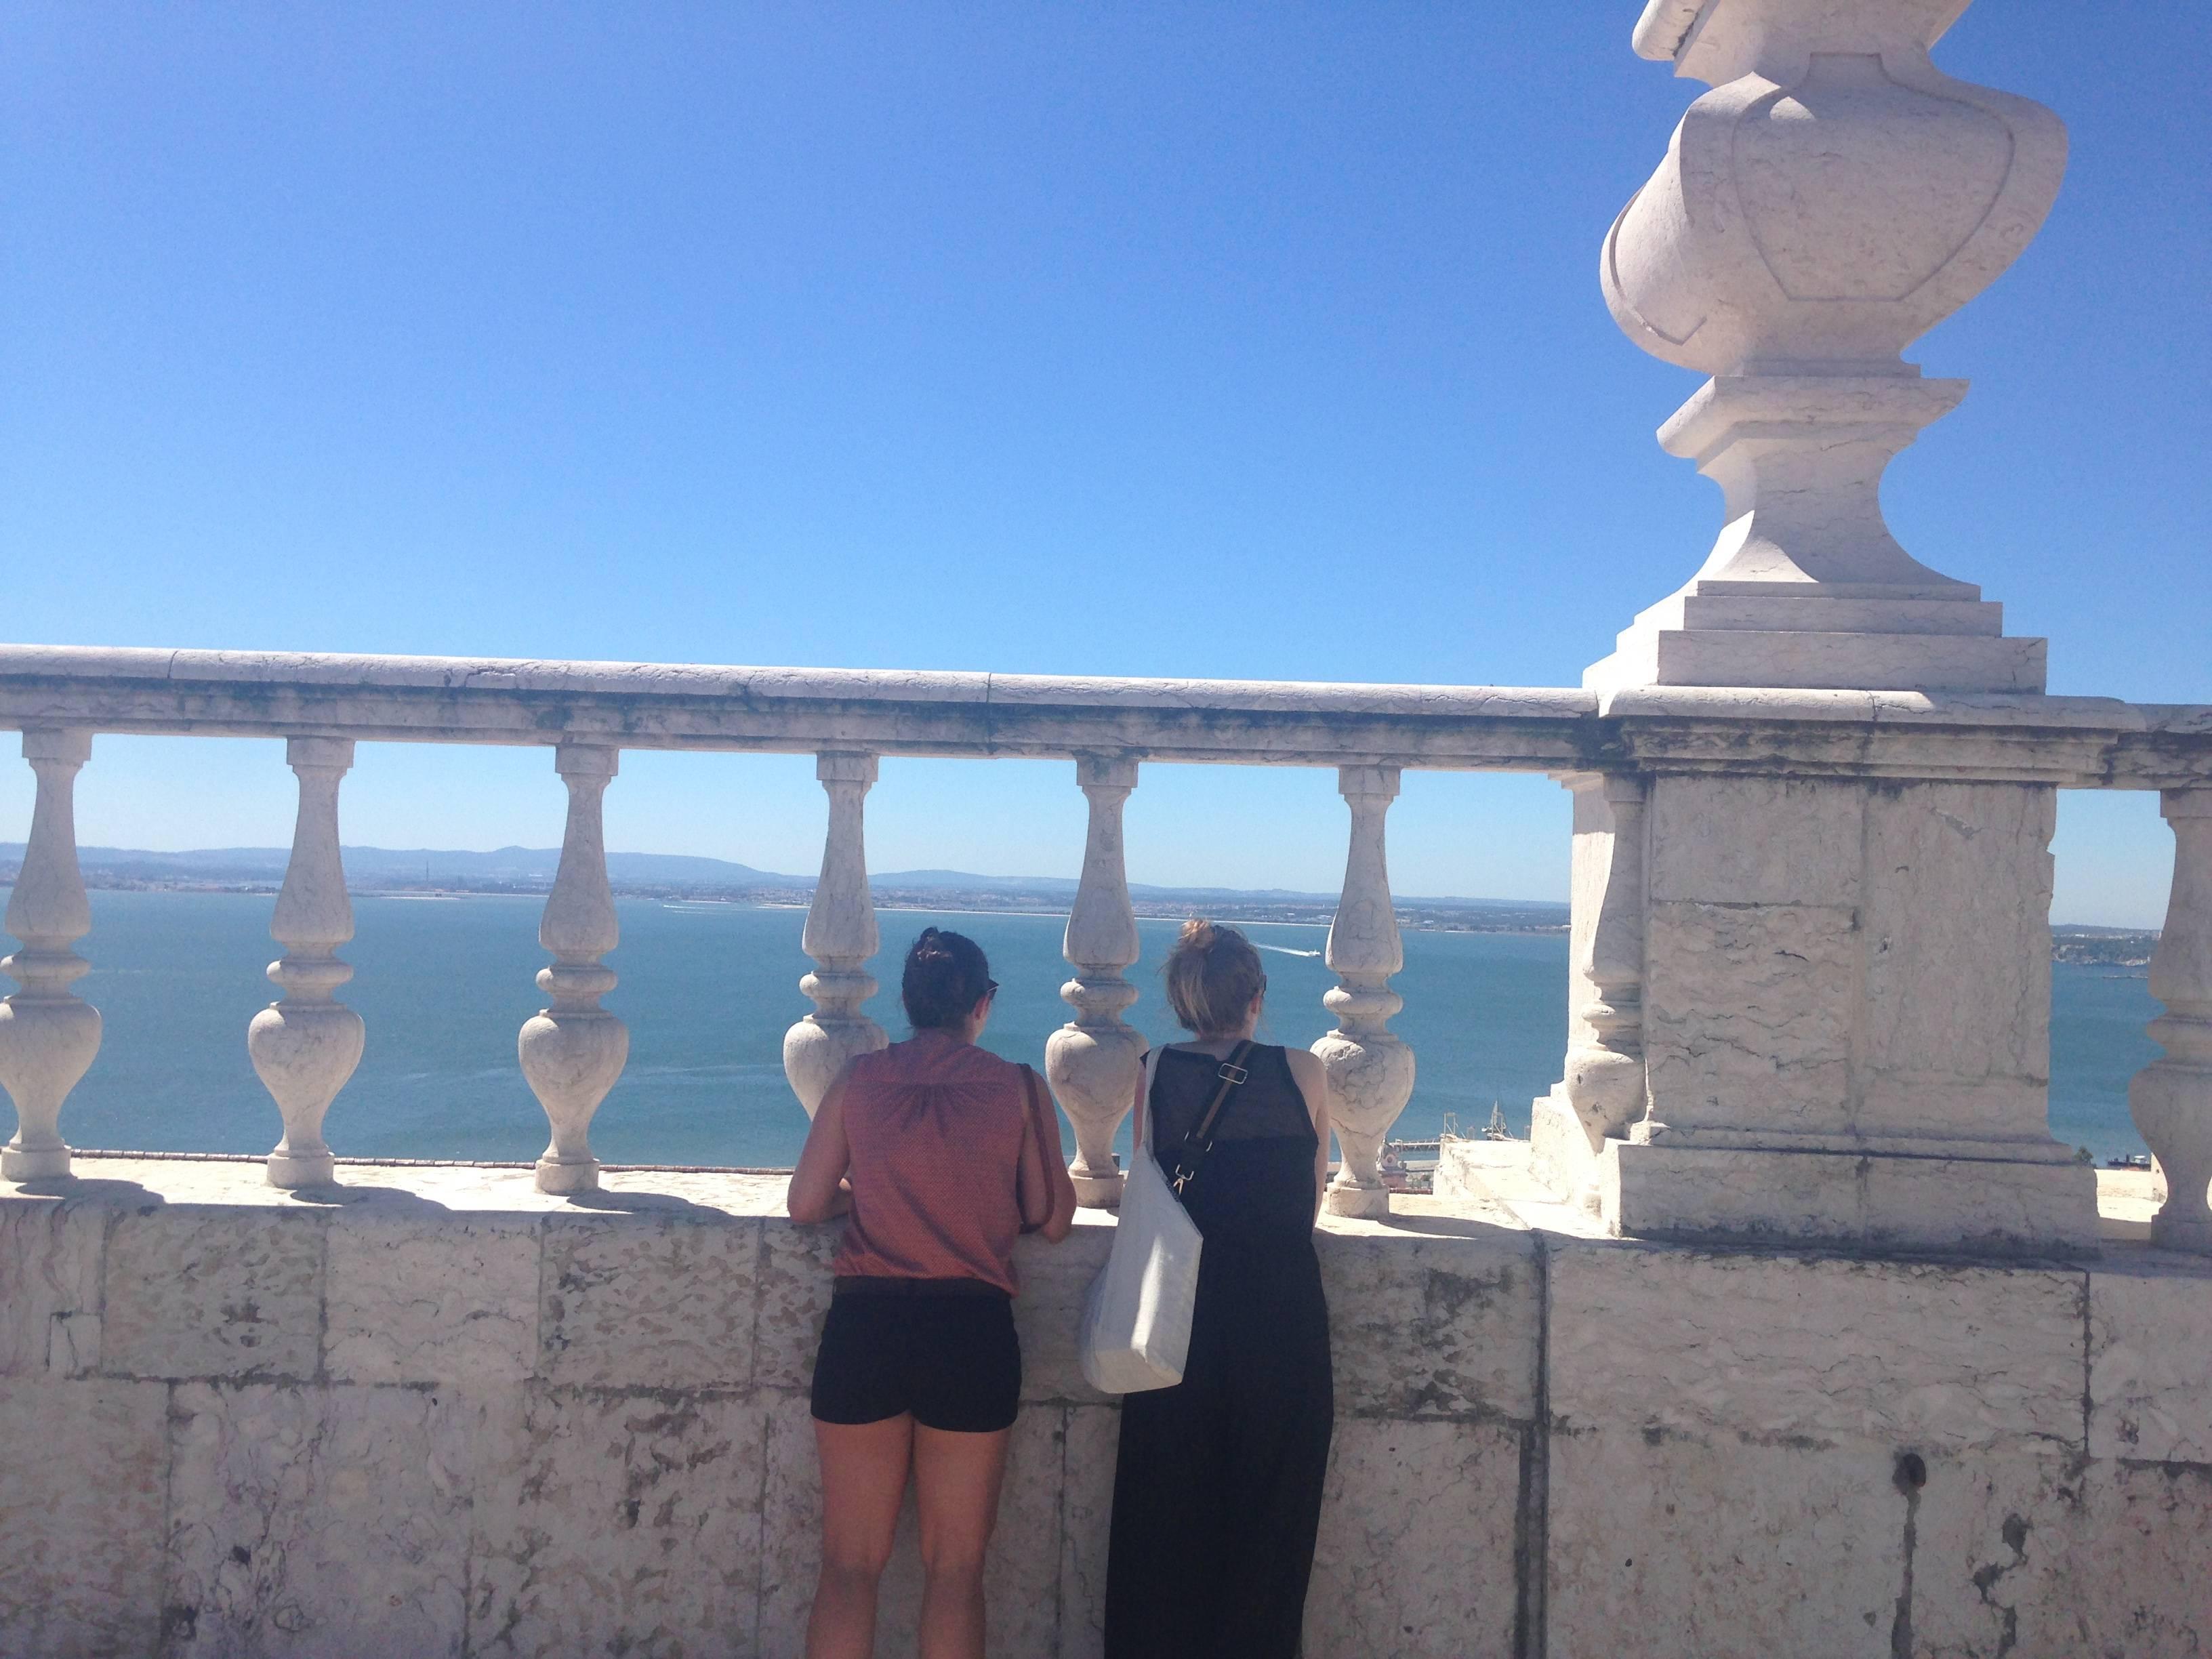 Photo 2: Monter en haut des tours du monastère